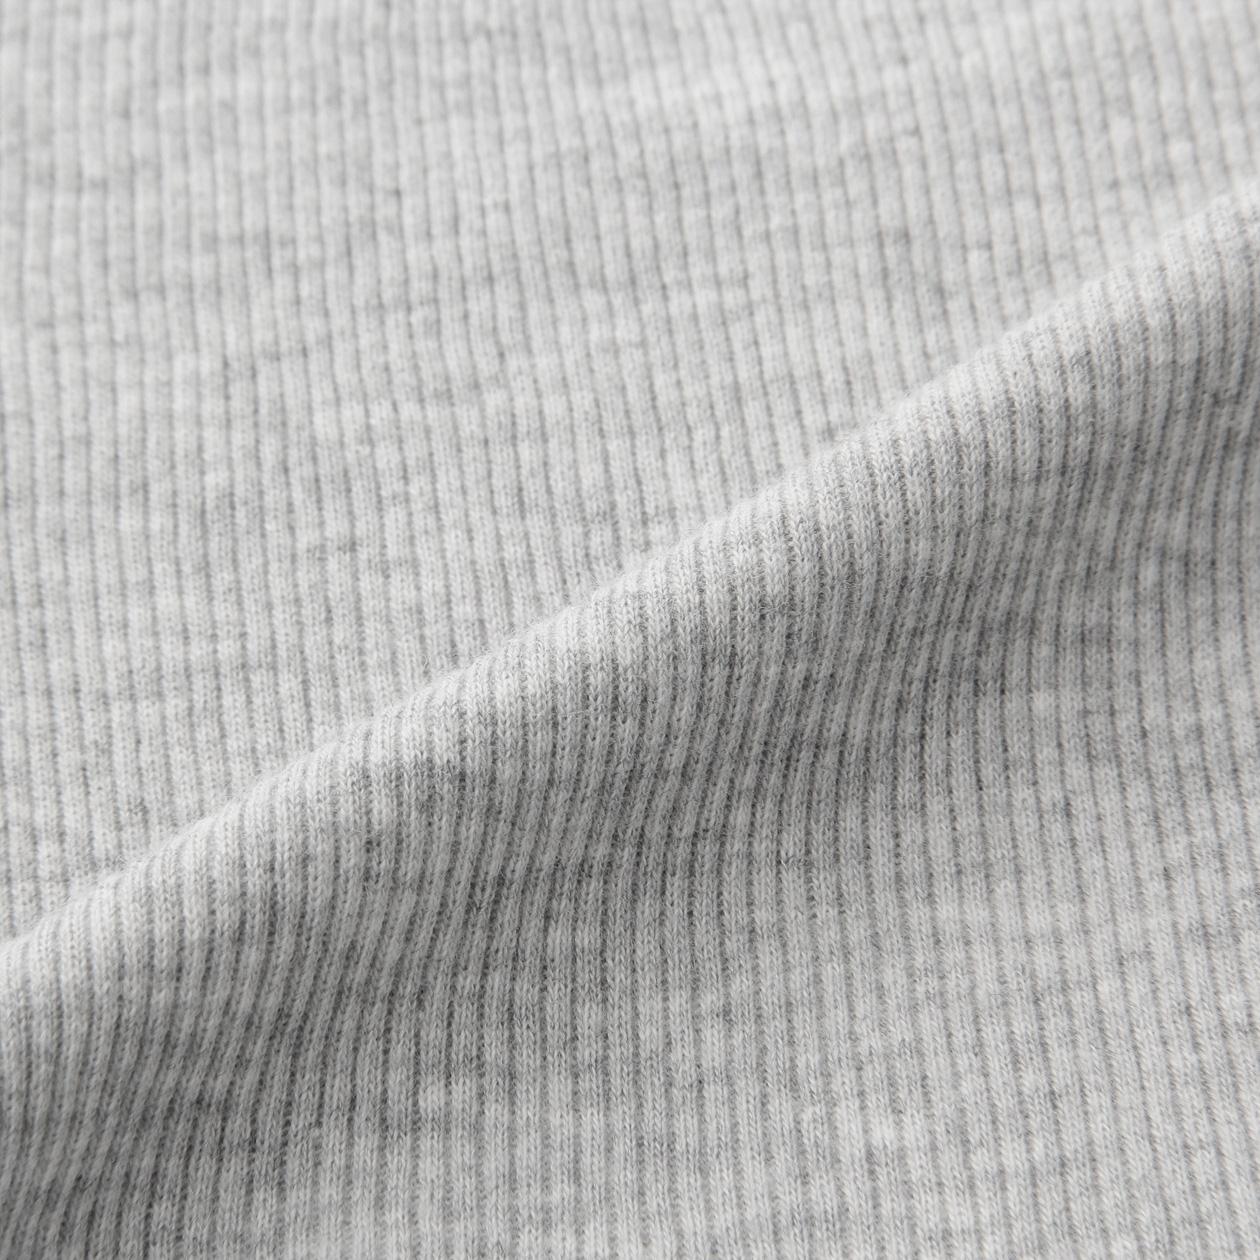 【無印良品】オーガニックコットンリブ編み脇に縫い目のないブラジャー_5